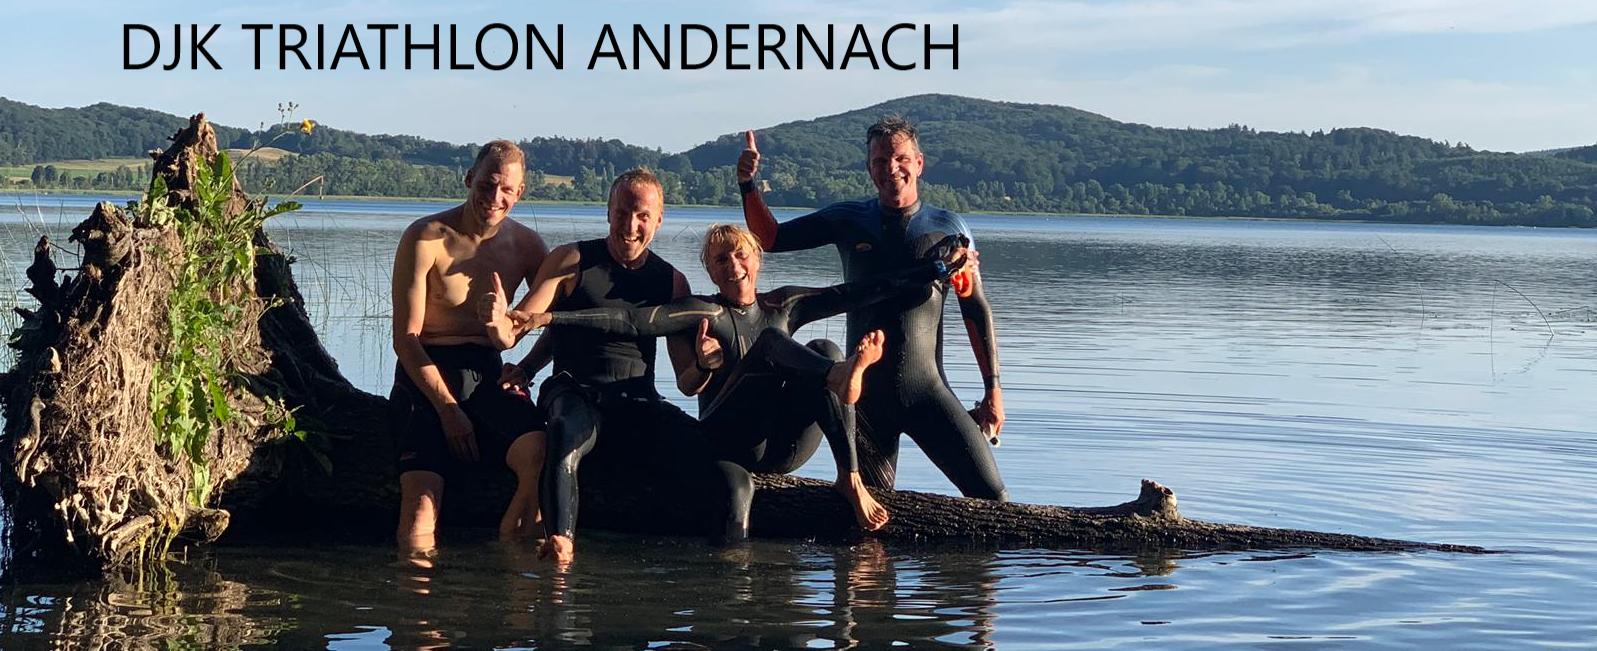 DJK Triathlon Andernach